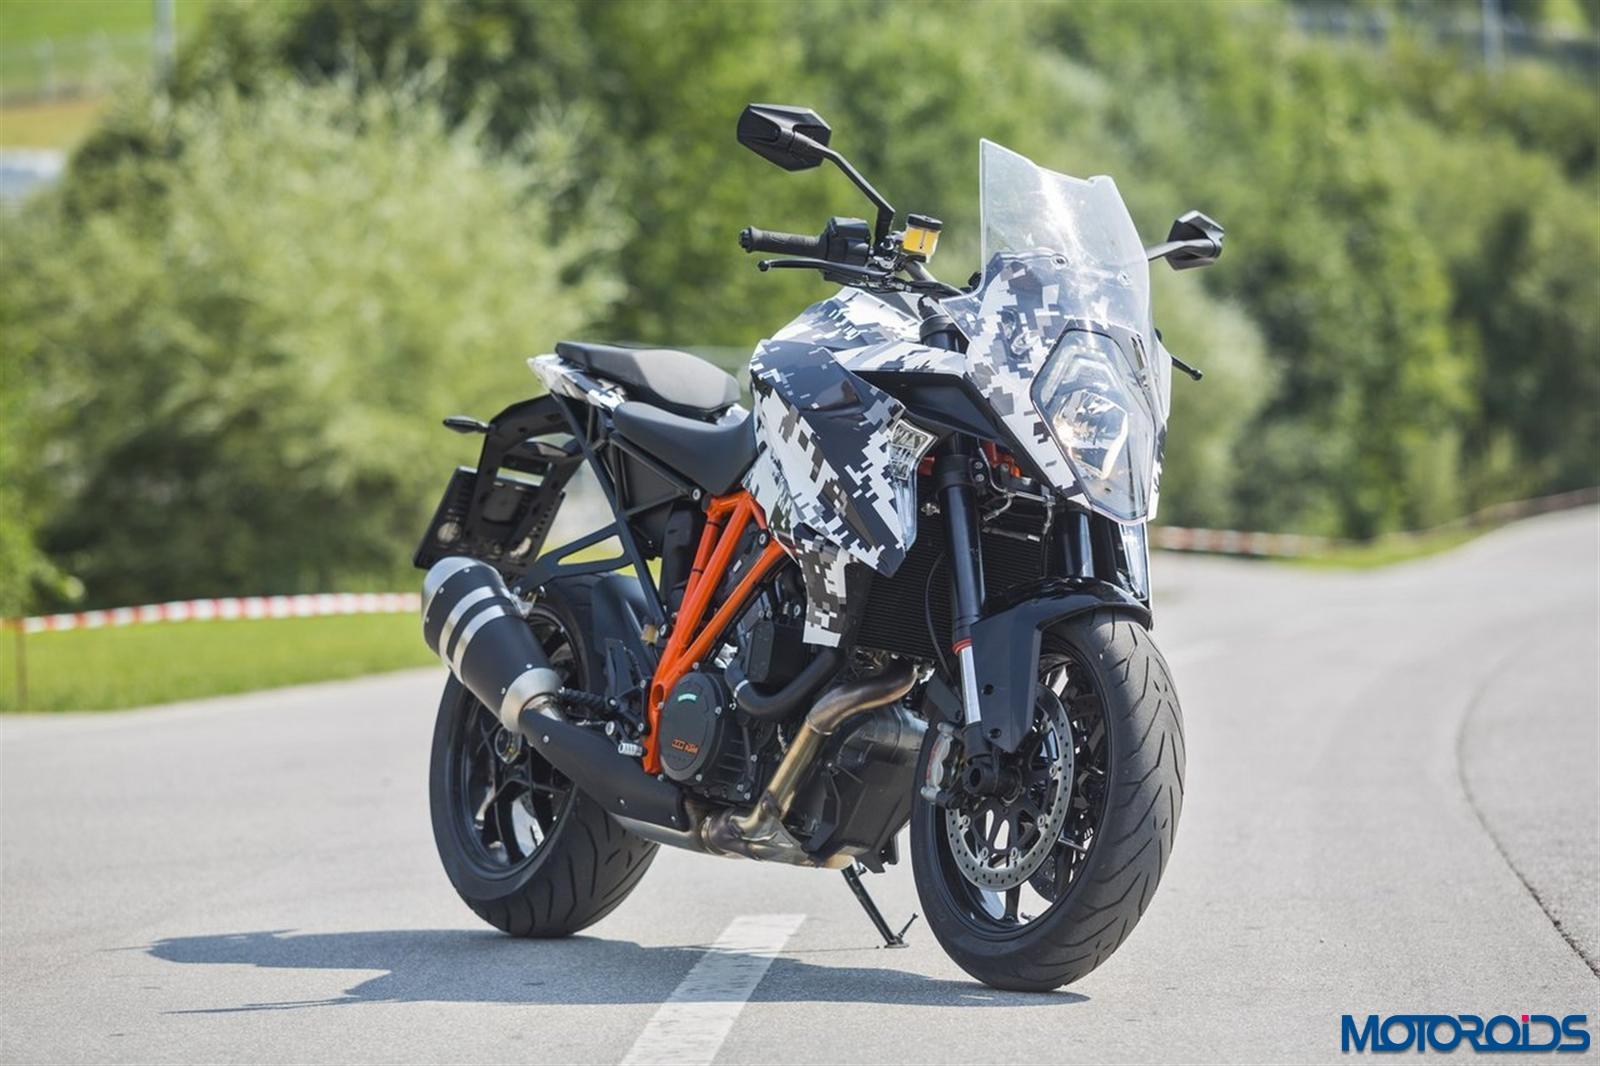 KTM 1290 Super Duke GT official images